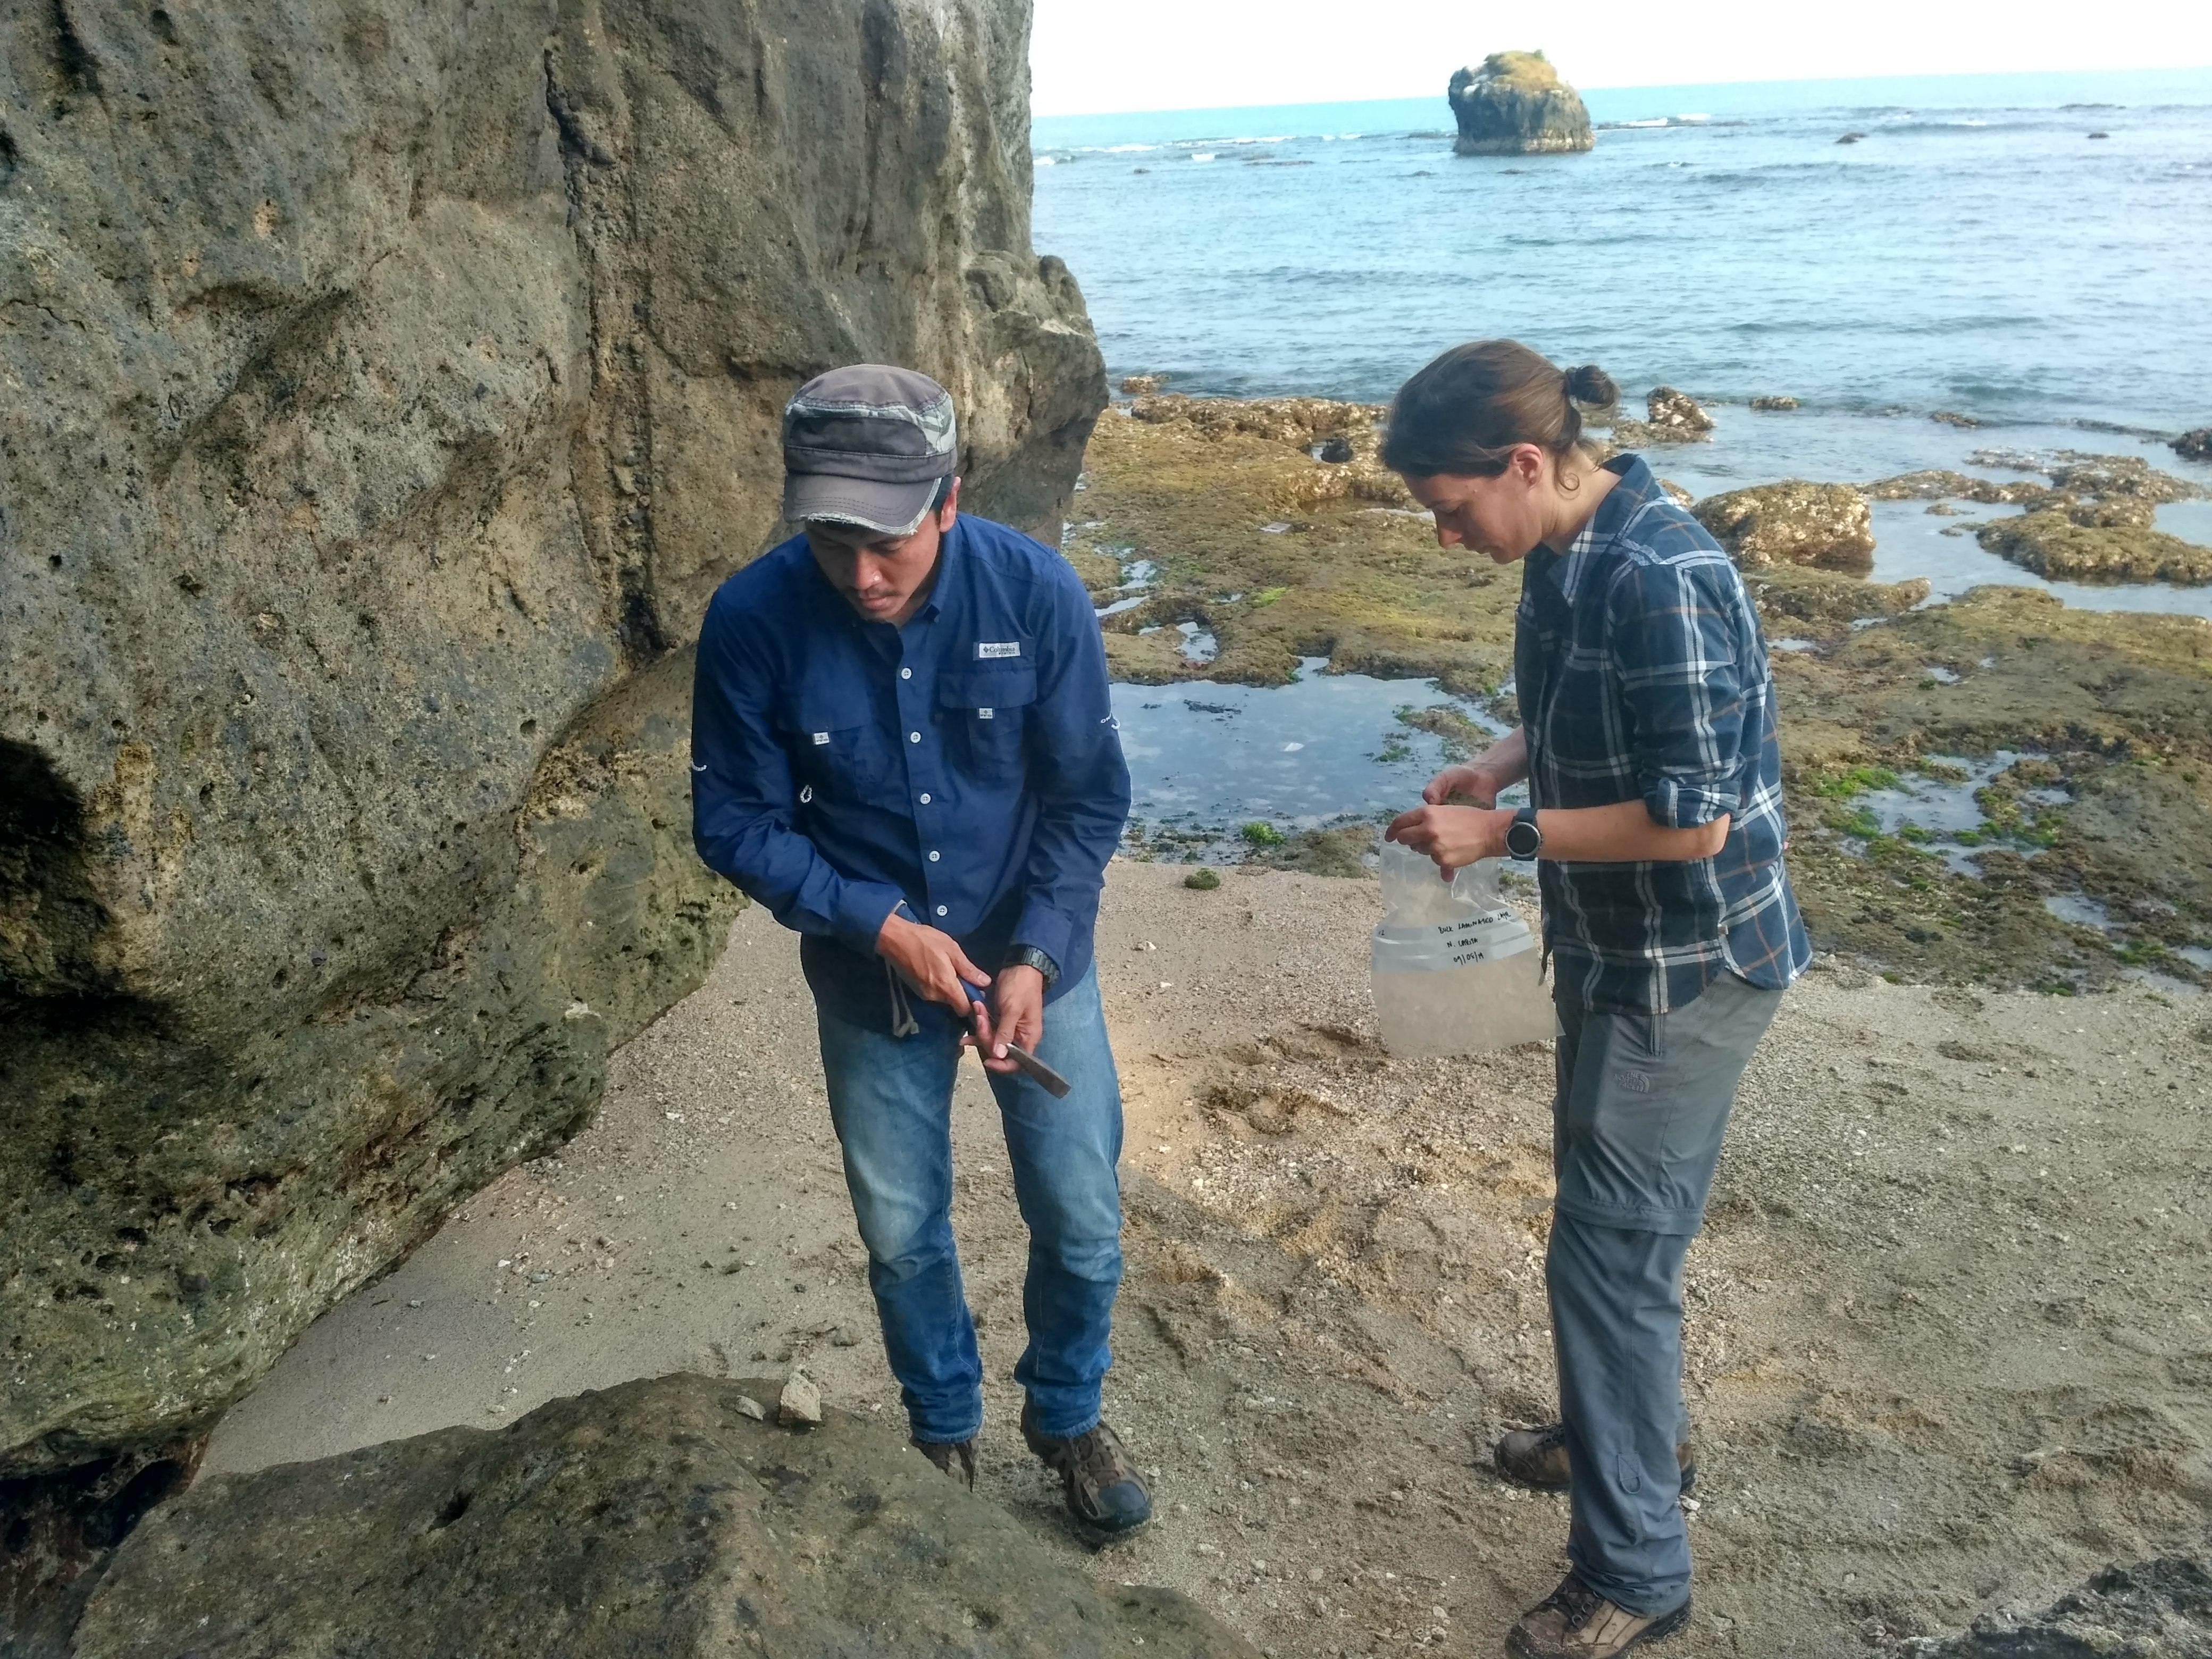 peneliti-itb-bersama-para-geologist-inggris-lakukan-penelitian-anak-krakatau